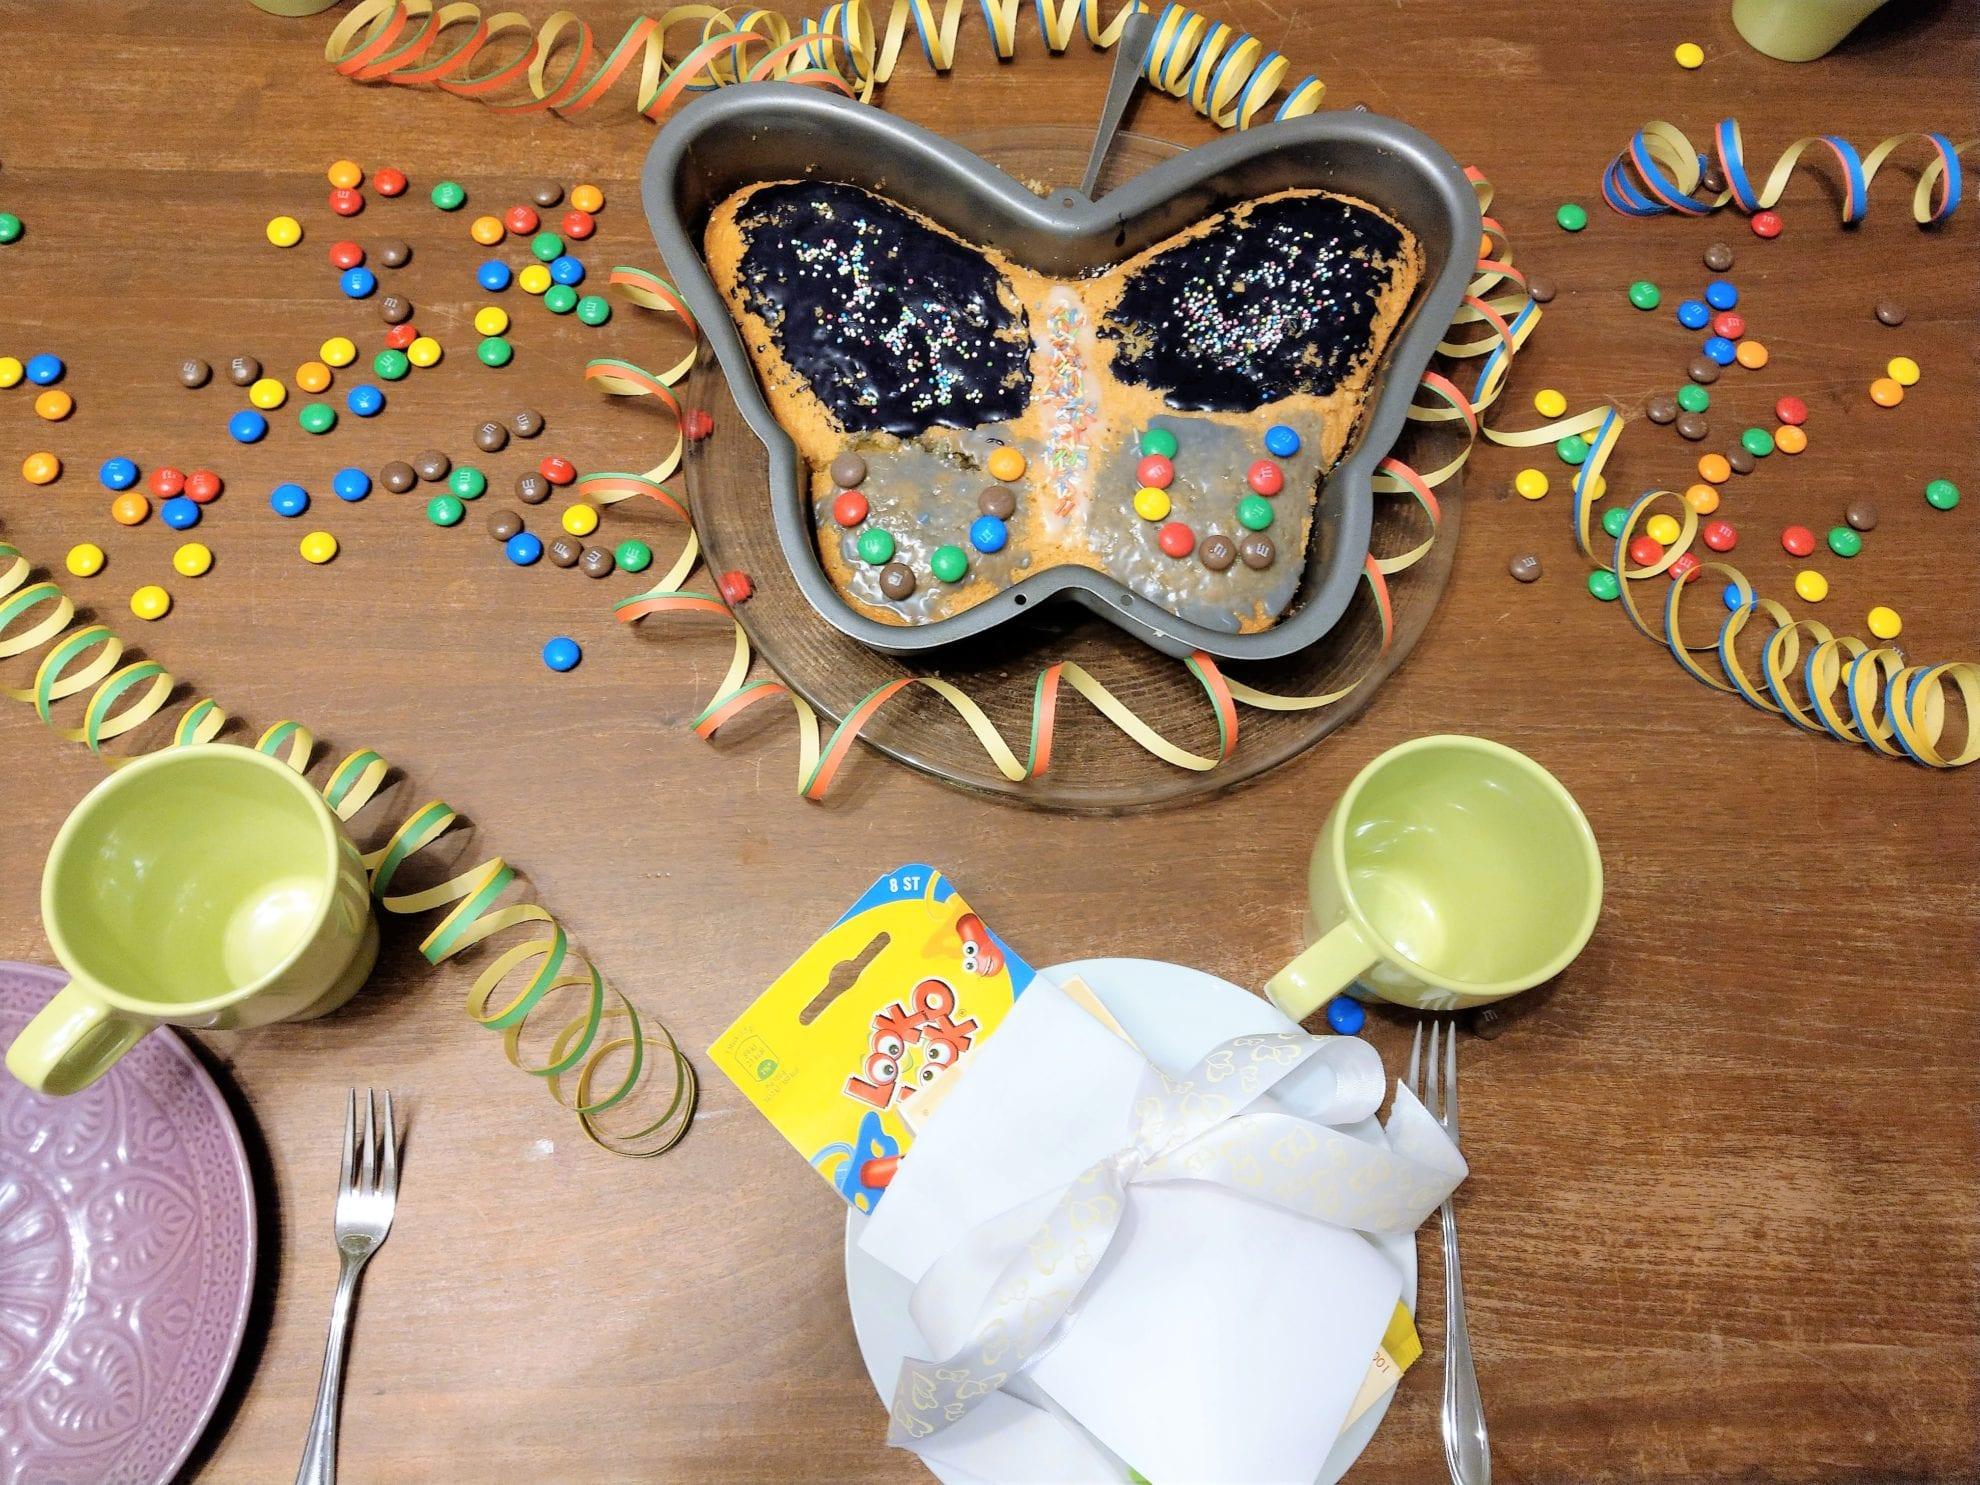 Lieblingsmoment für mich alleine: Der gedeckte Geburtstagstisch für den großen Tag des Geburtstagskindes